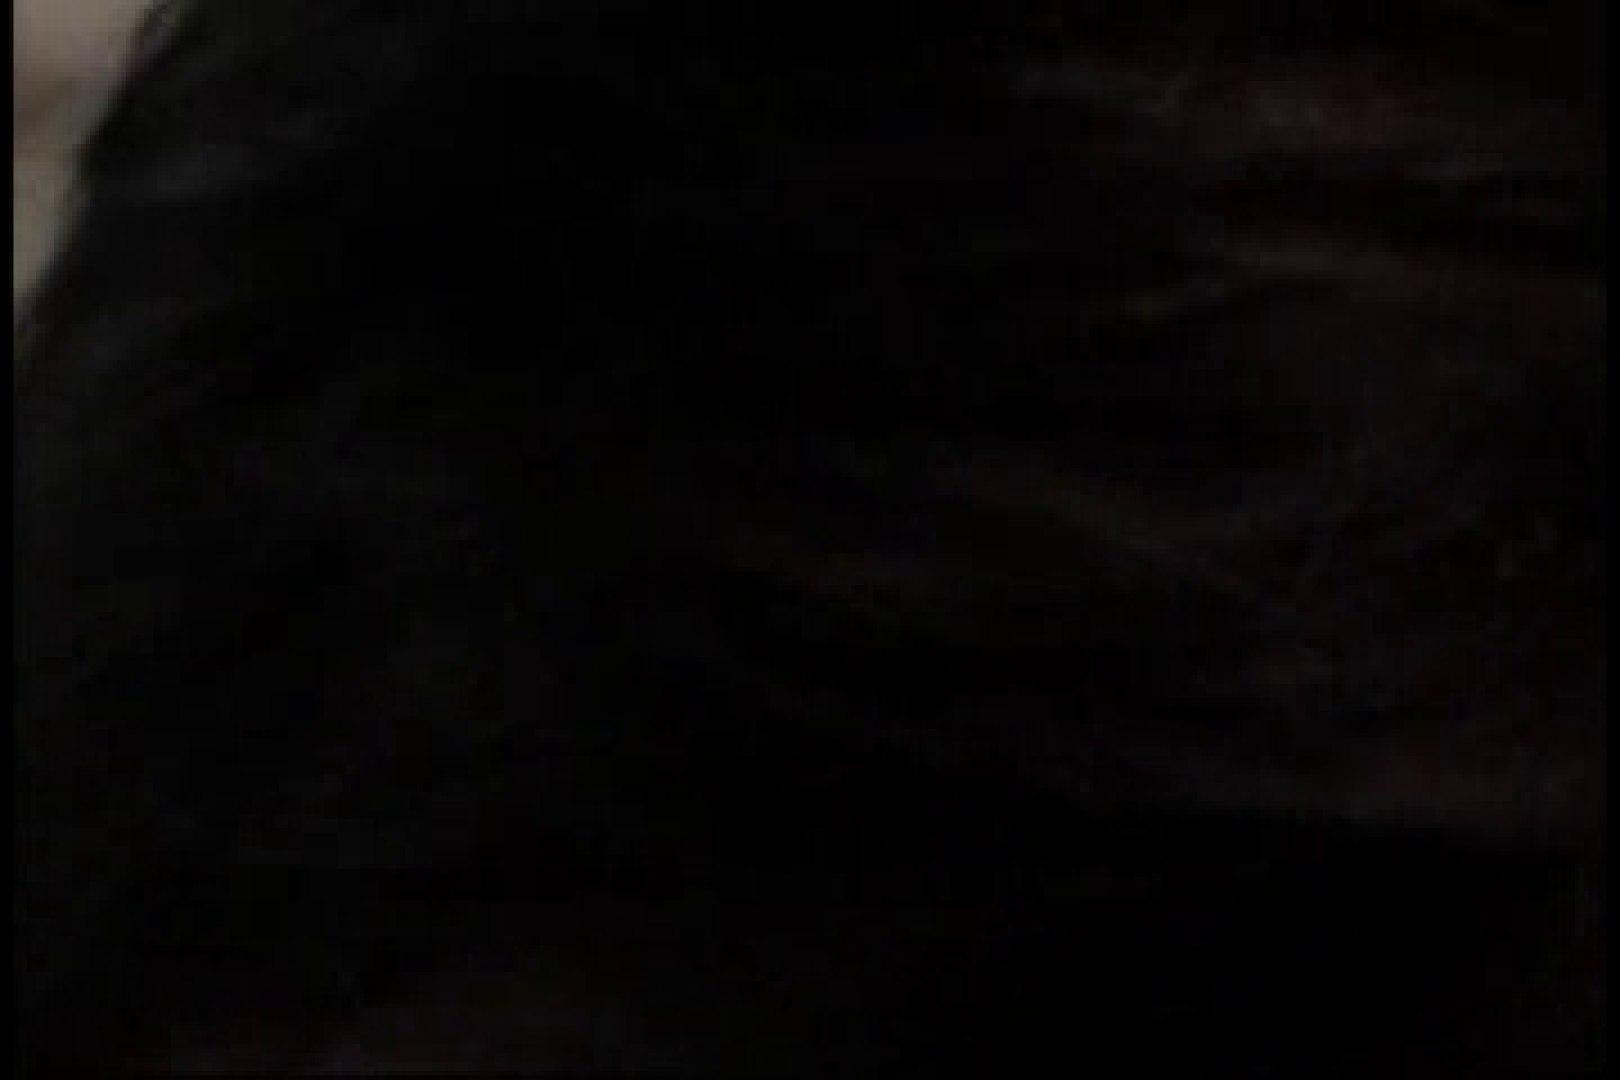 三ッ星シリーズ!!イケメン羞恥心File.05 ハメ撮り放出 ゲイエロビデオ画像 105pic 60